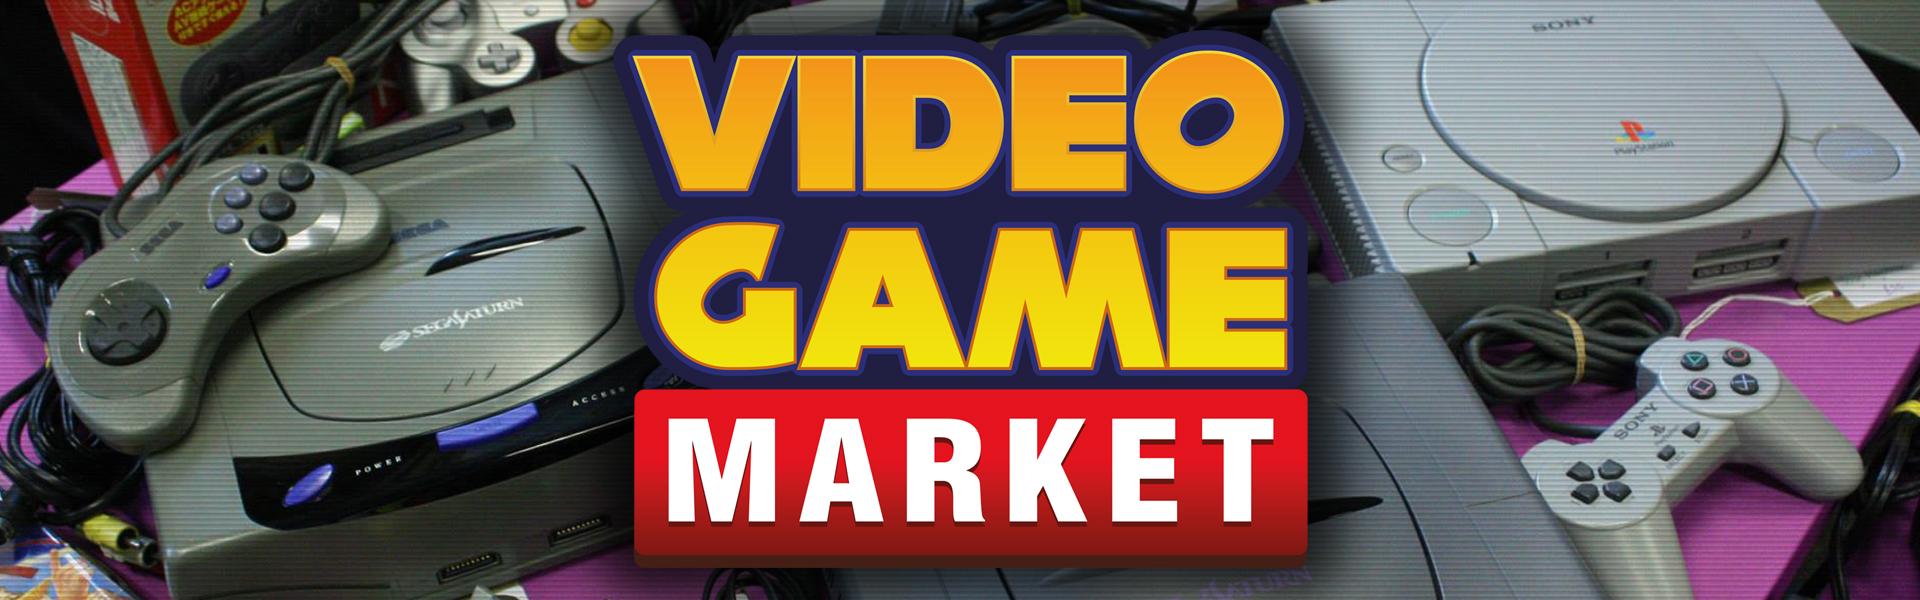 MPU_BE_Video_Game_Market_1920x600